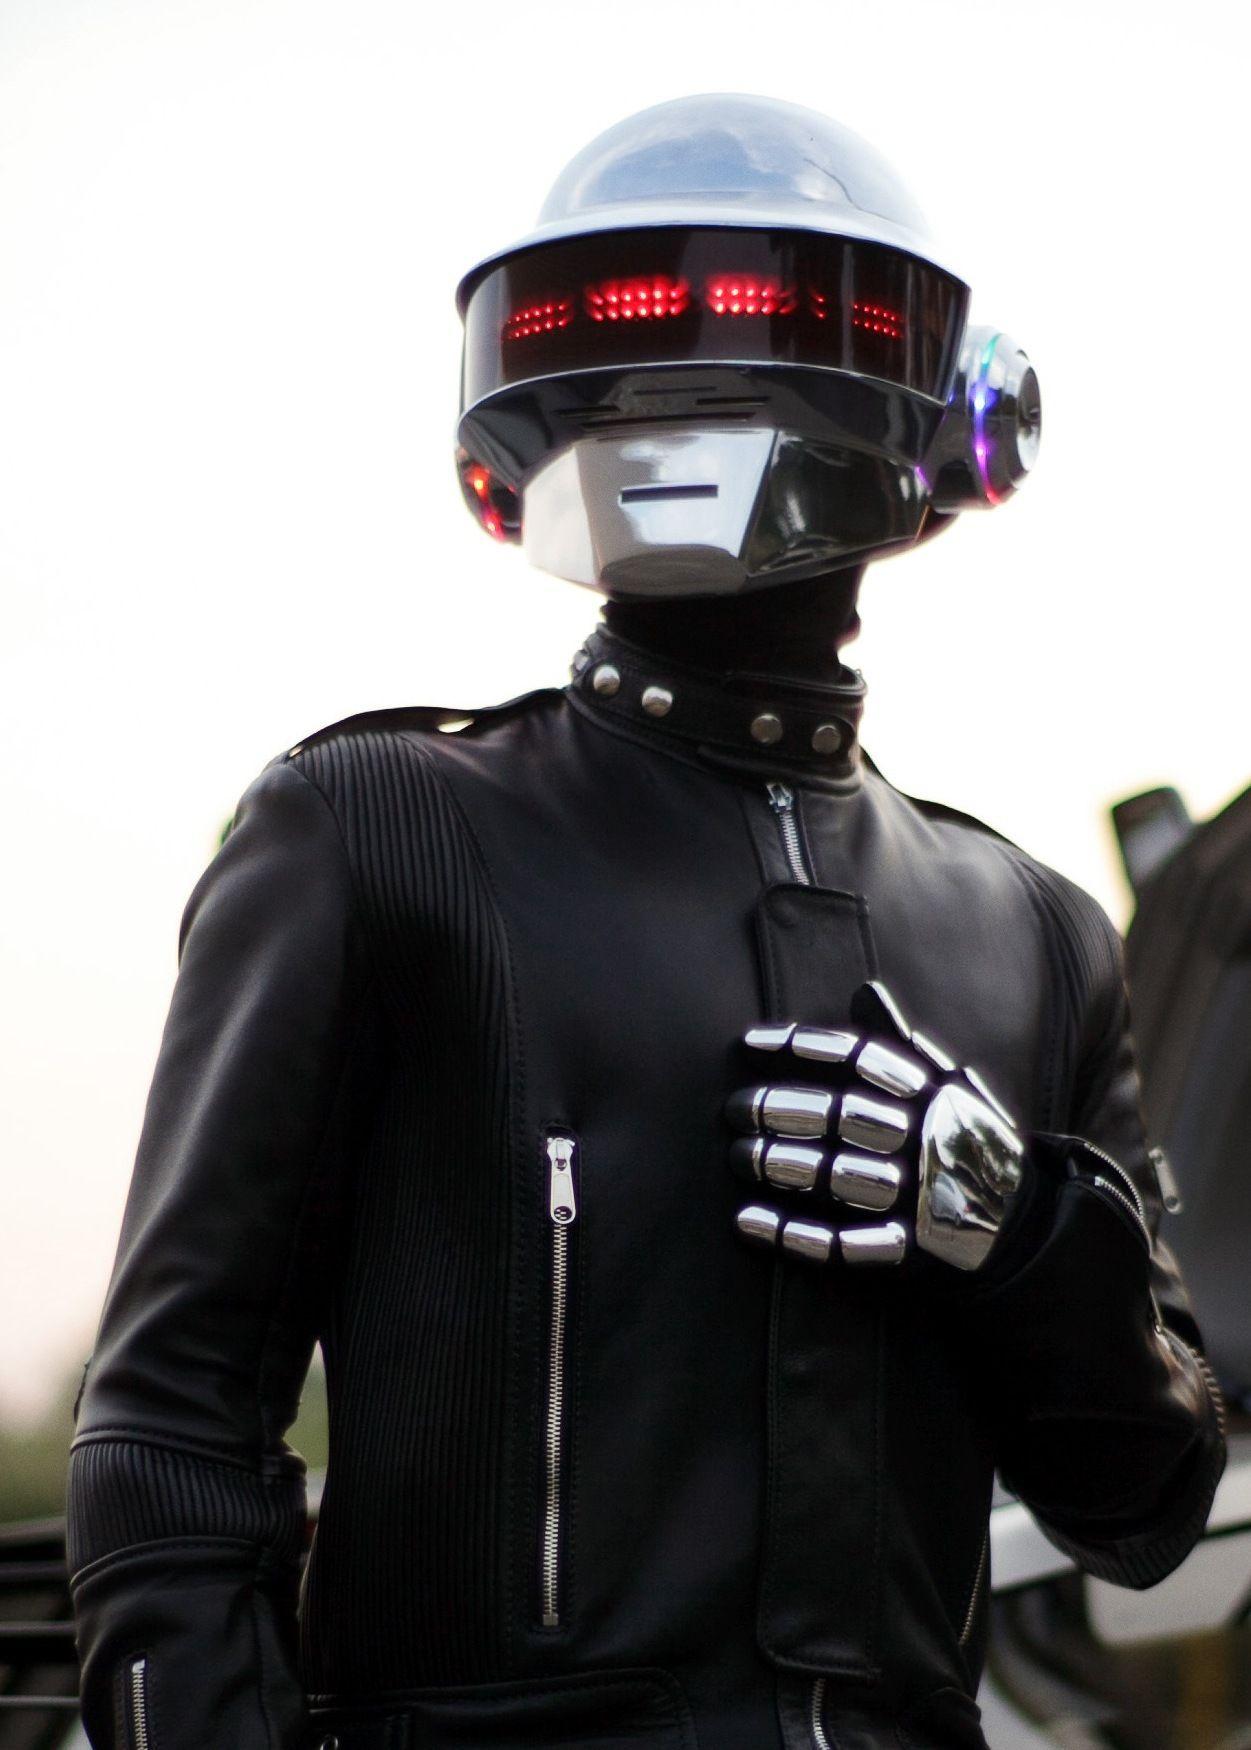 DIY Kit ALL Parts Included For Helmet Daft Punk Helmet Guy Manuel LED Set